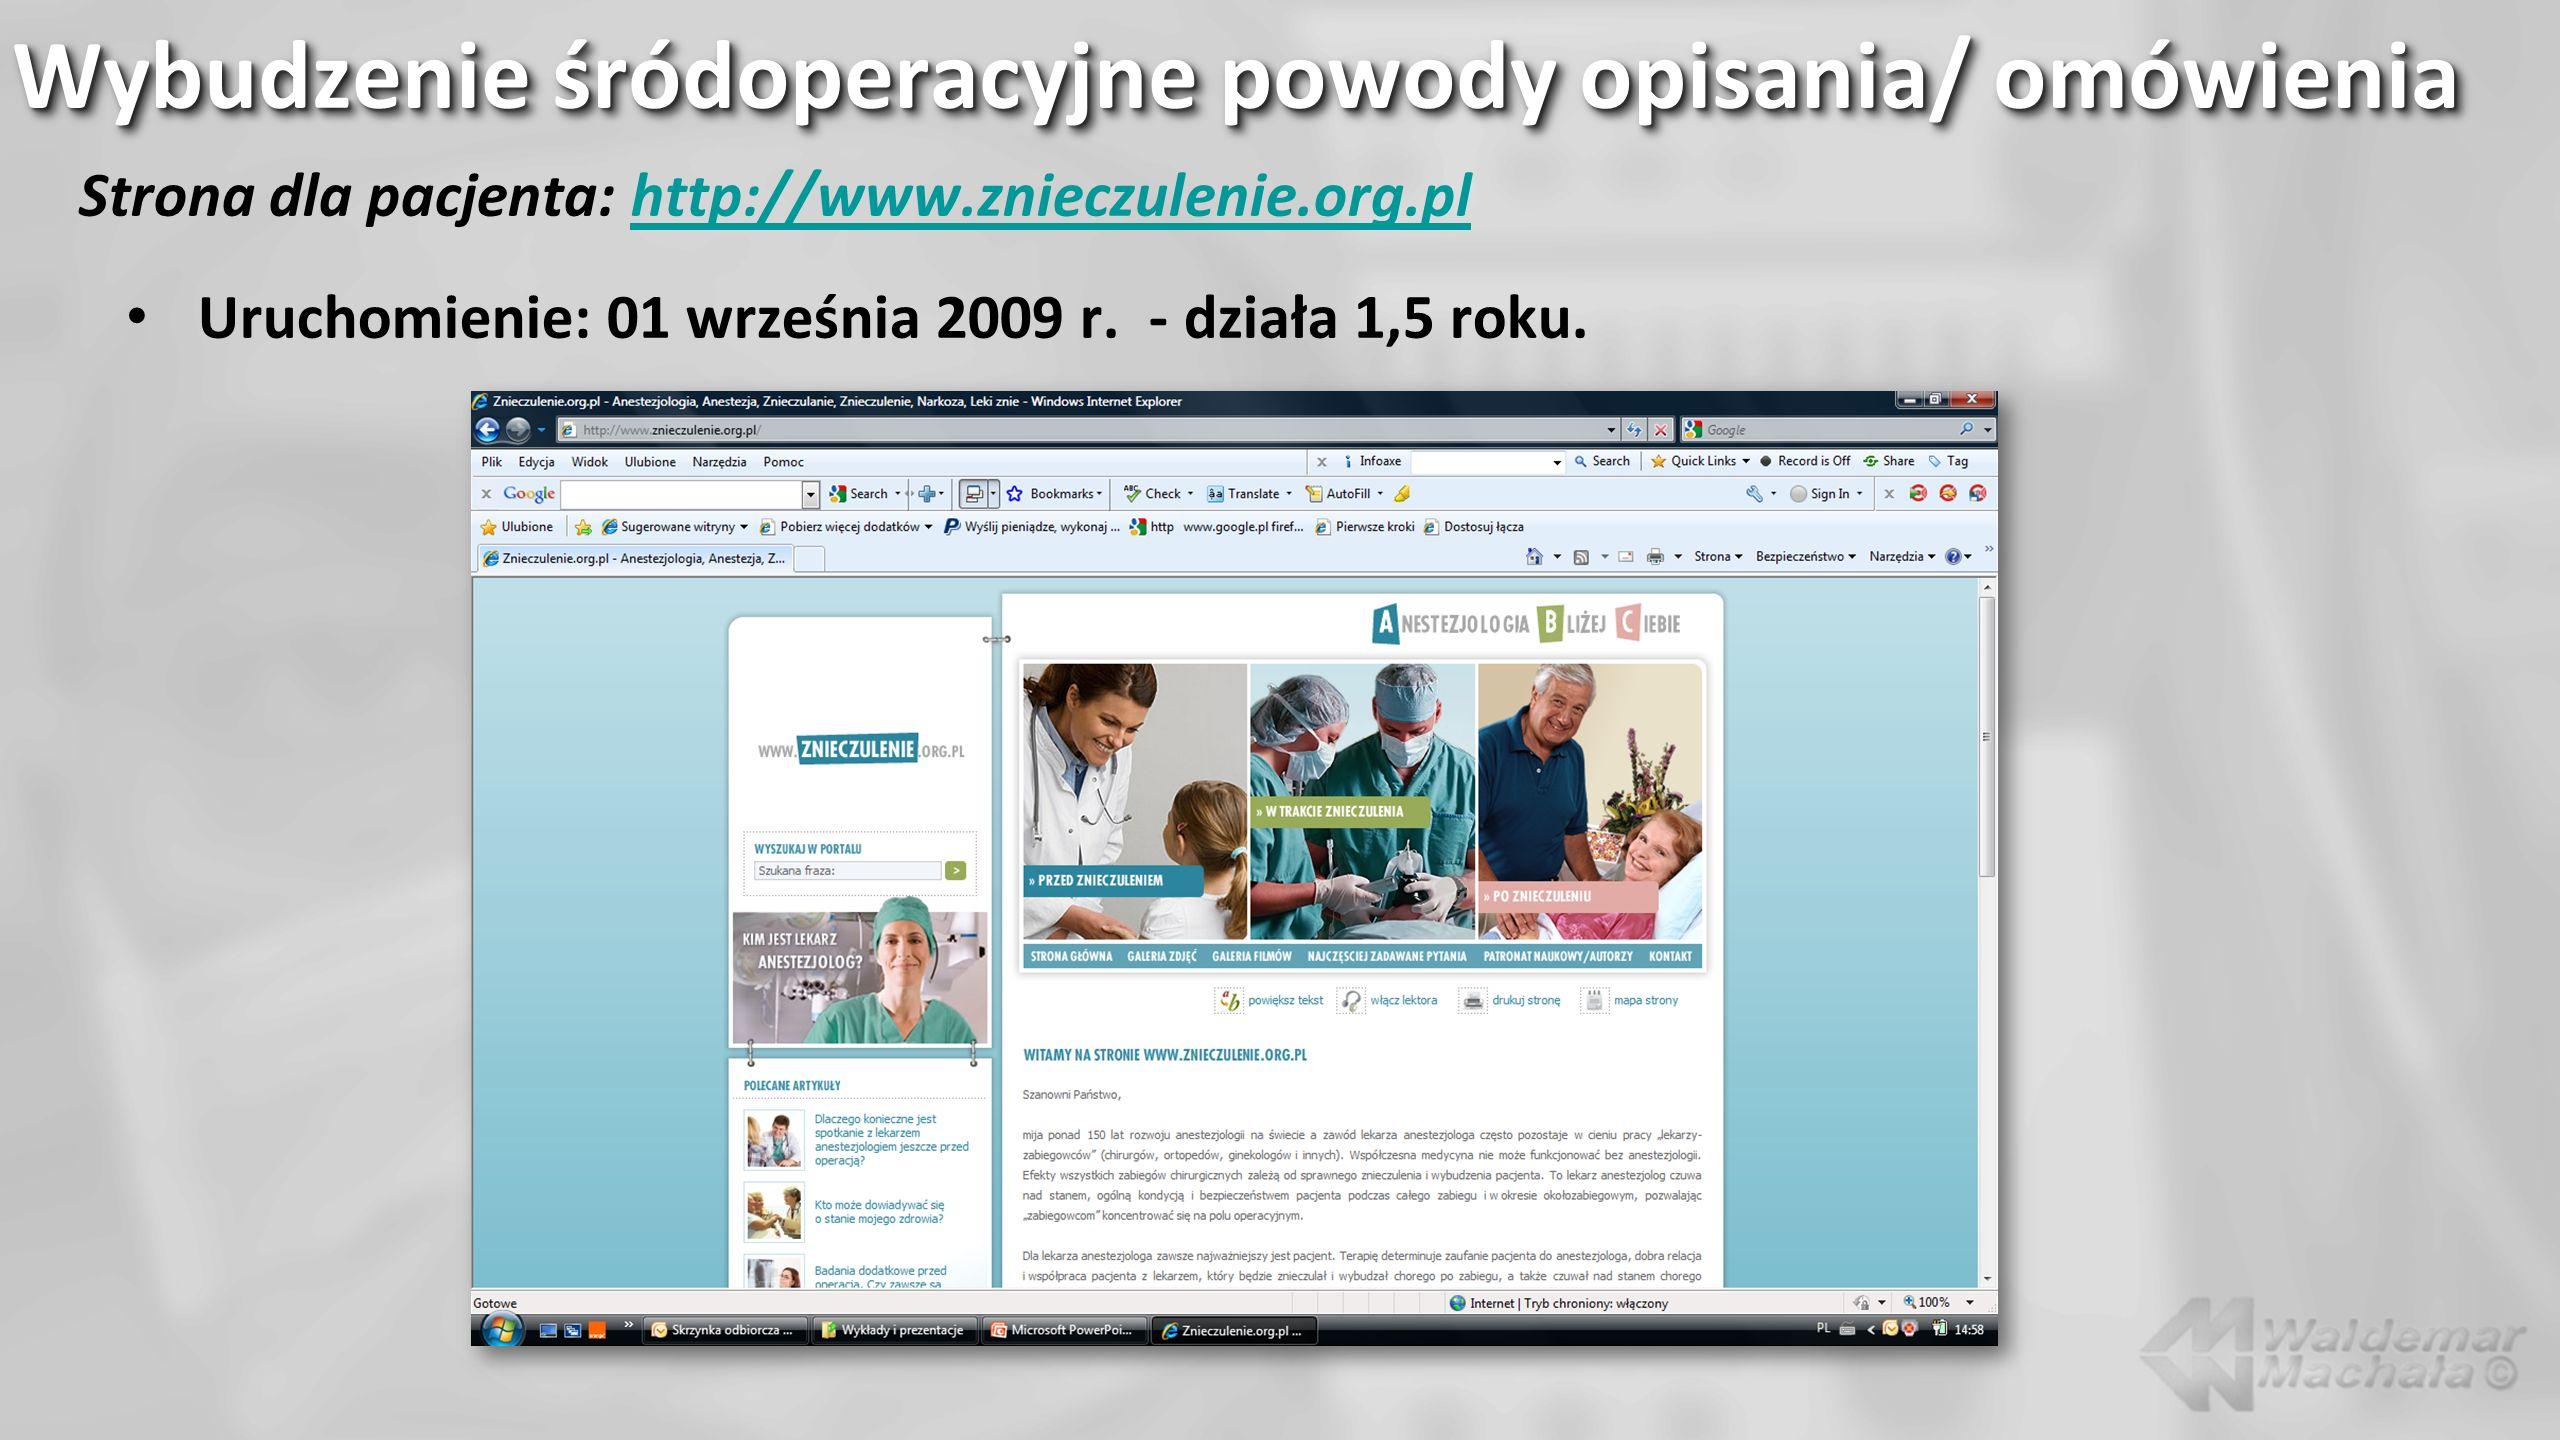 Strona dla pacjenta: http://www.znieczulenie.org.plhttp://www.znieczulenie.org.pl 172 listy – tyleż porad (w kilkudziesięciu przypadkach korespondencja z 2-6 listami).